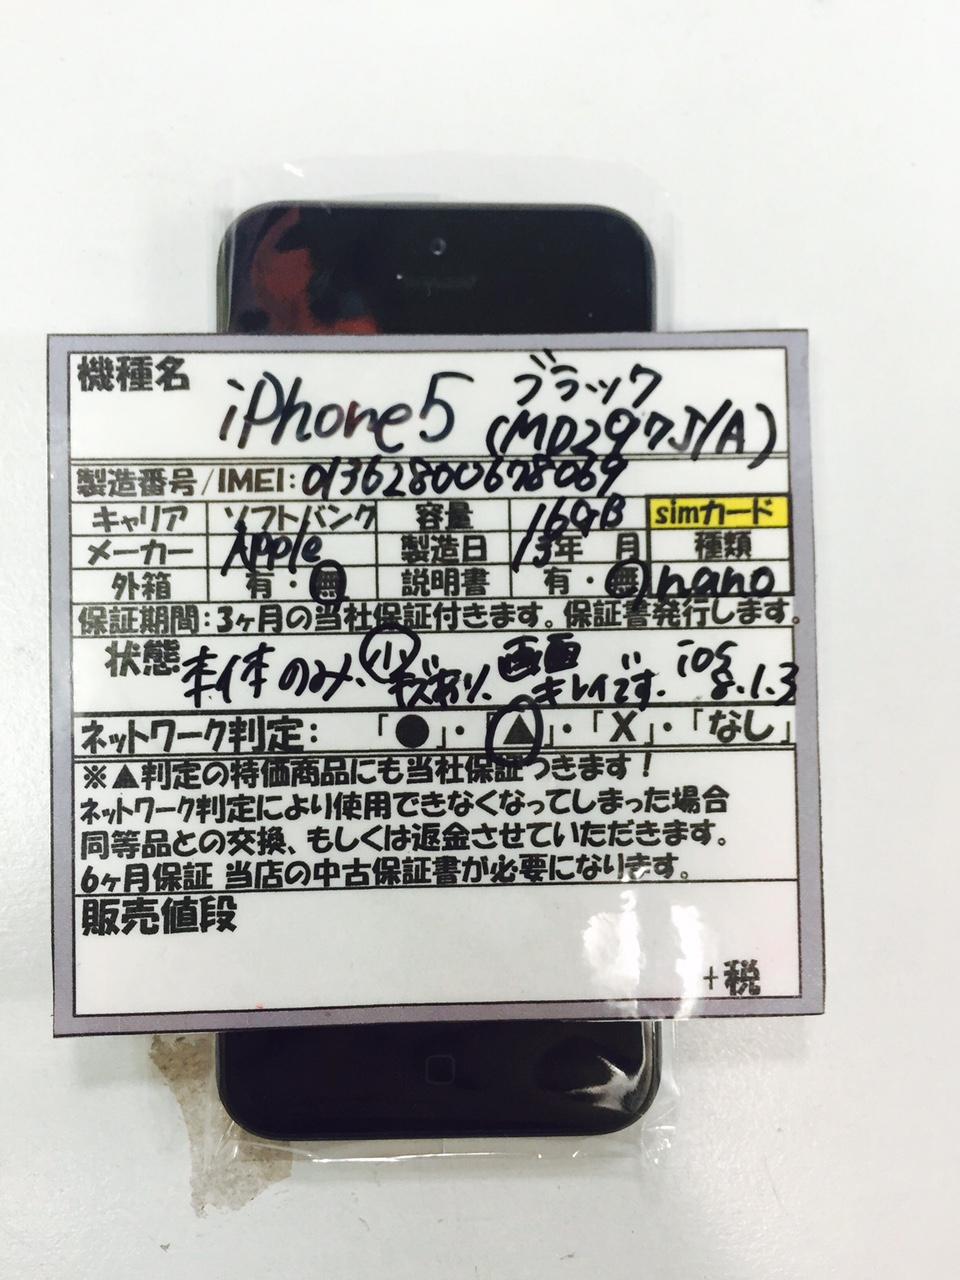 ソフトバンク iPhone5 本体のみ